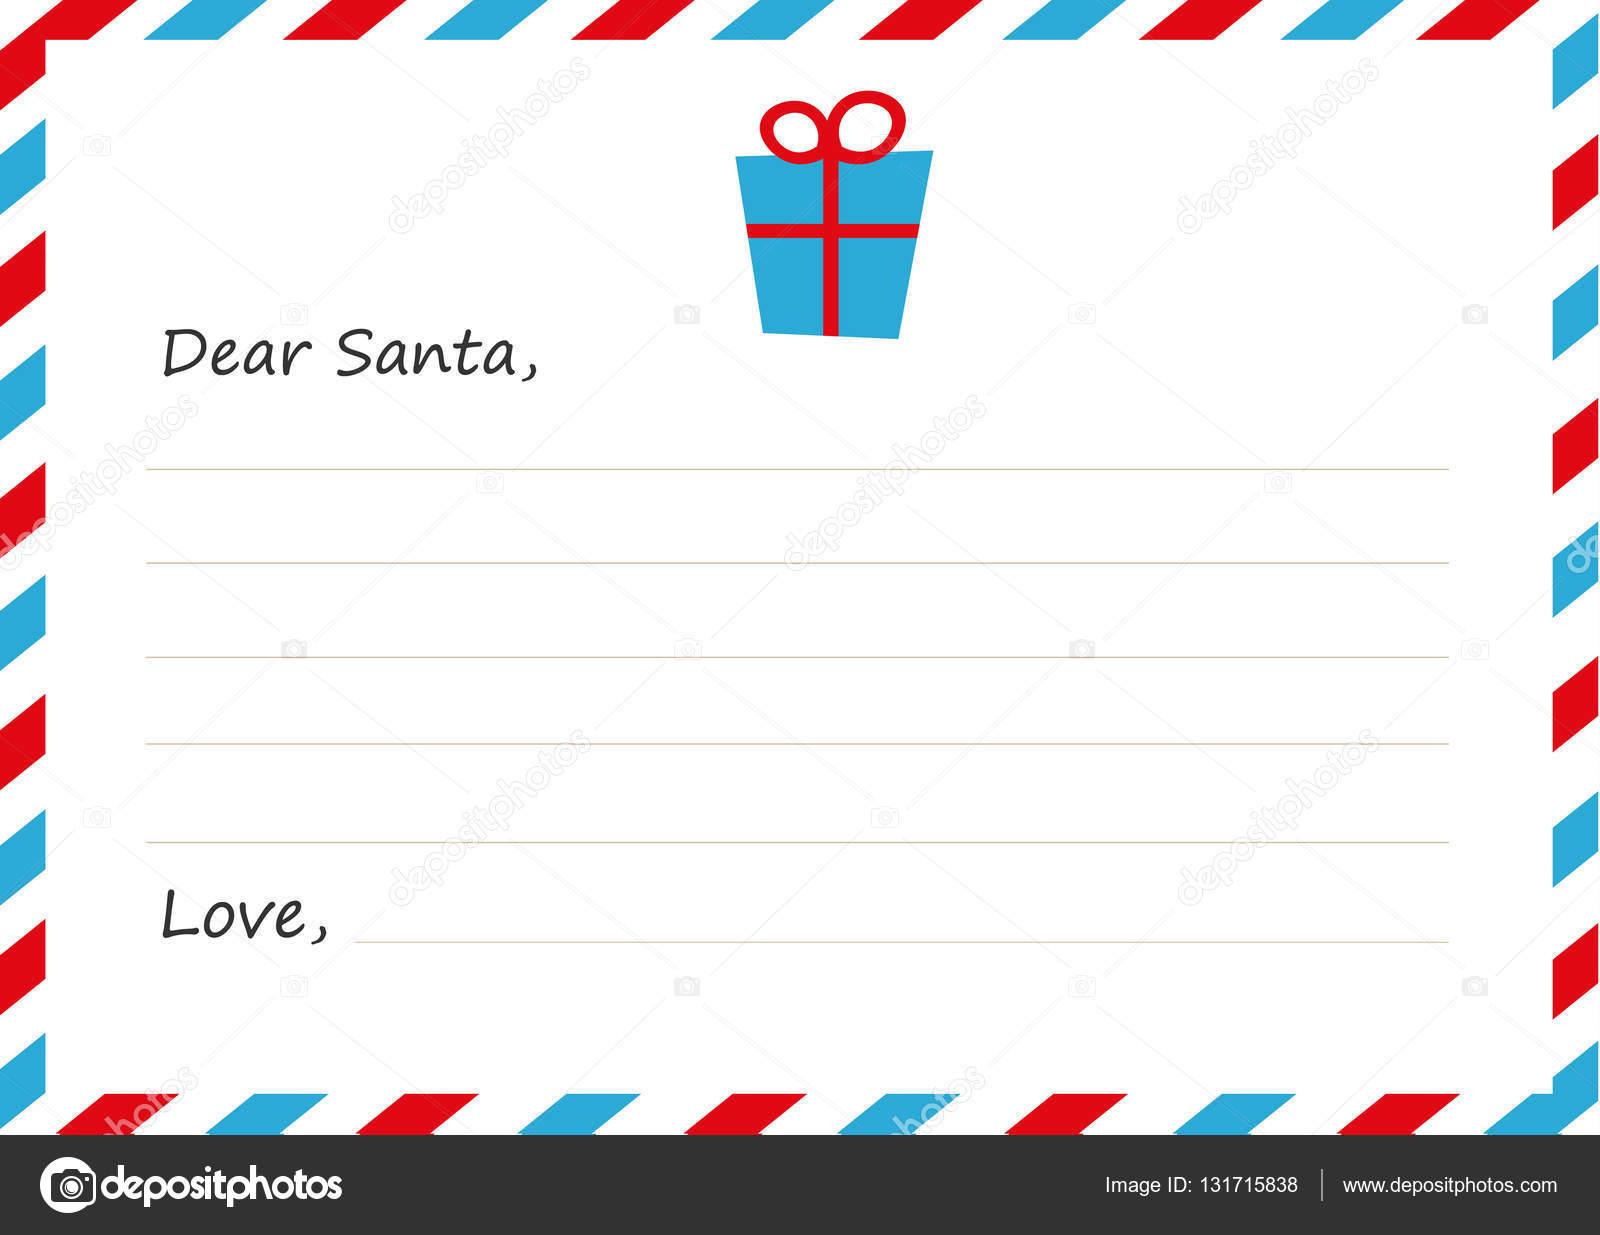 テンプレート封筒新年の手紙サンタ クロースアイコンの贈り物です